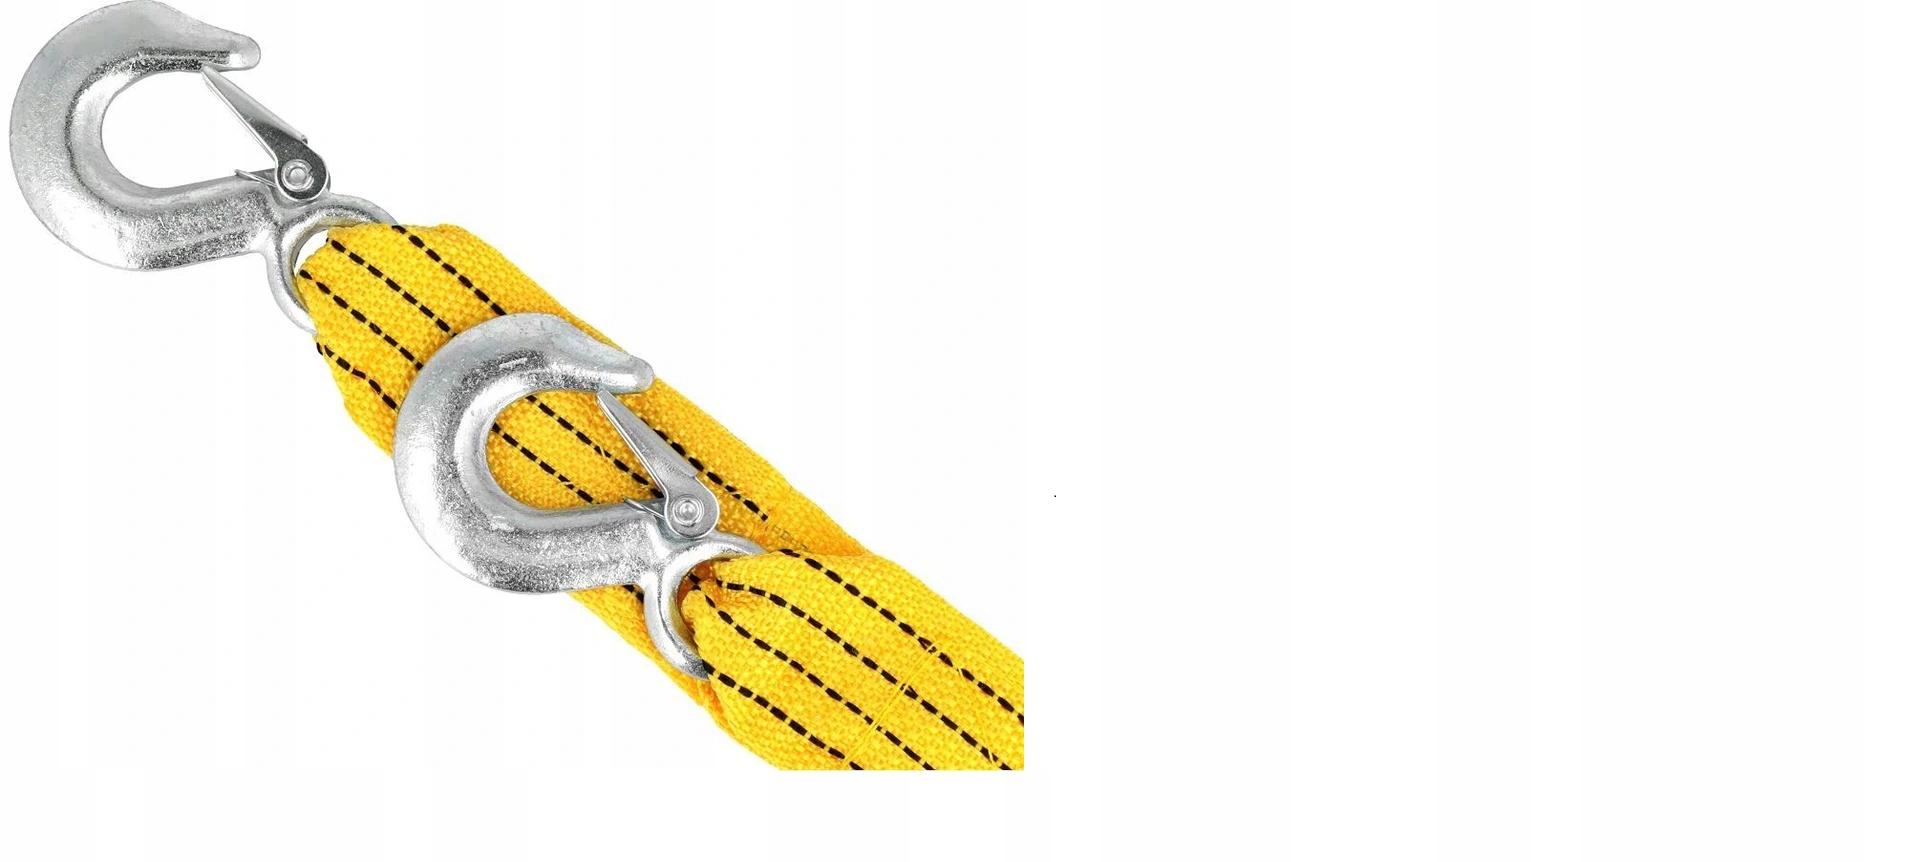 Кабельный ремень Буксировочный ремень или гамак 3т